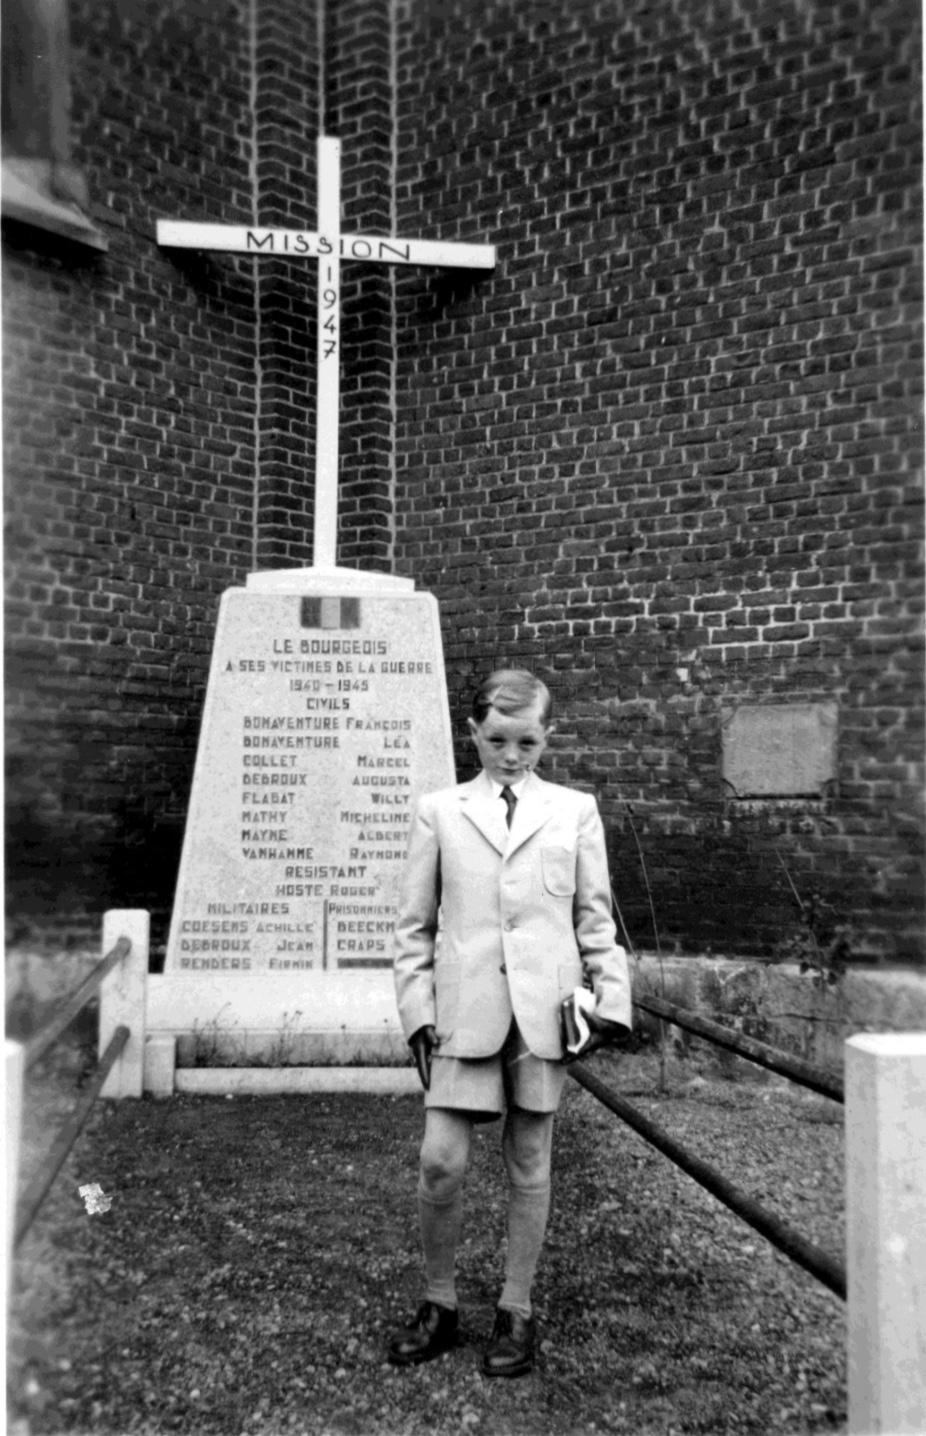 Monument érigé dans l'encoignure de l'église de Bourgeois aux victimes civiles de la Seconde Guerre mondiale coll. Jean-Louis Nicaise 1